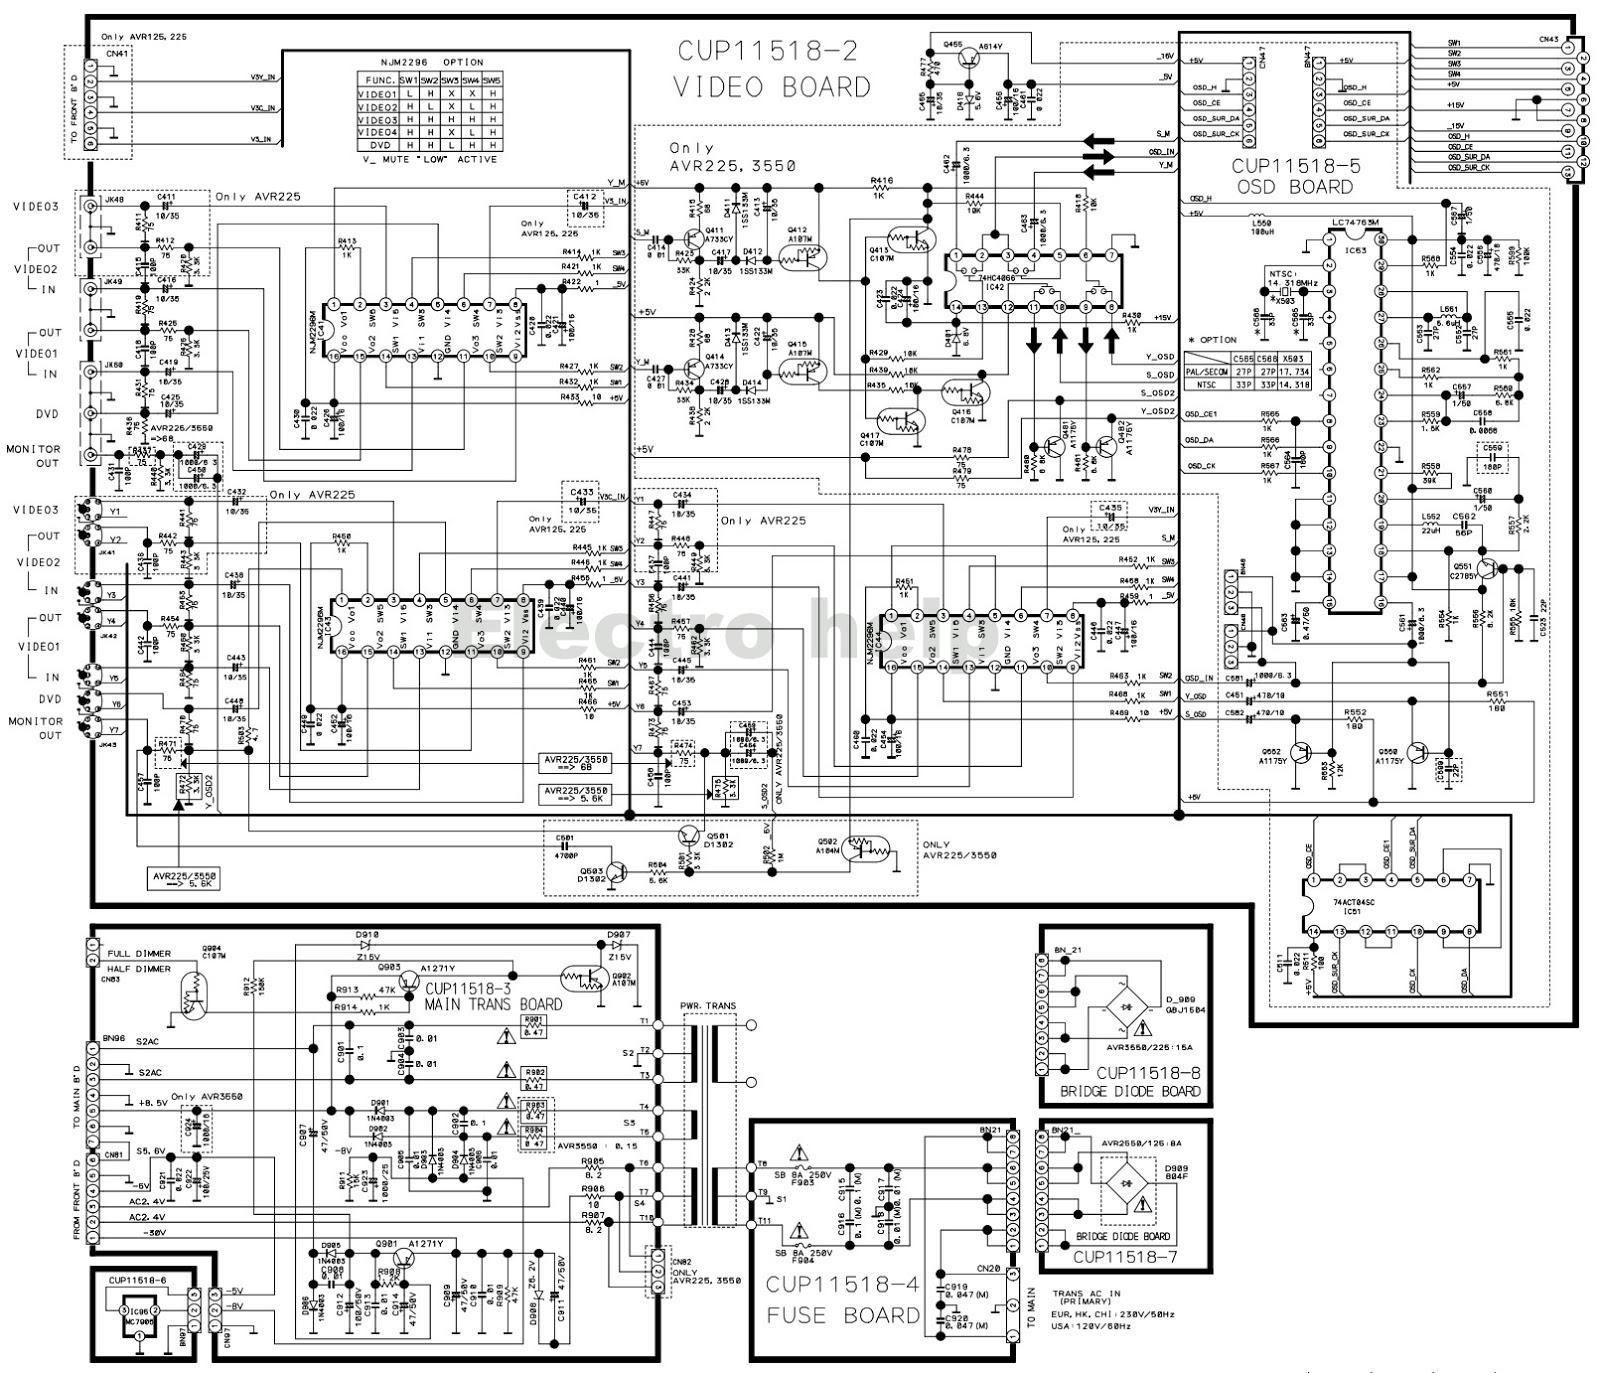 Groß 75 Trans Am Schaltplan Bilder - Schaltplan Serie Circuit ...